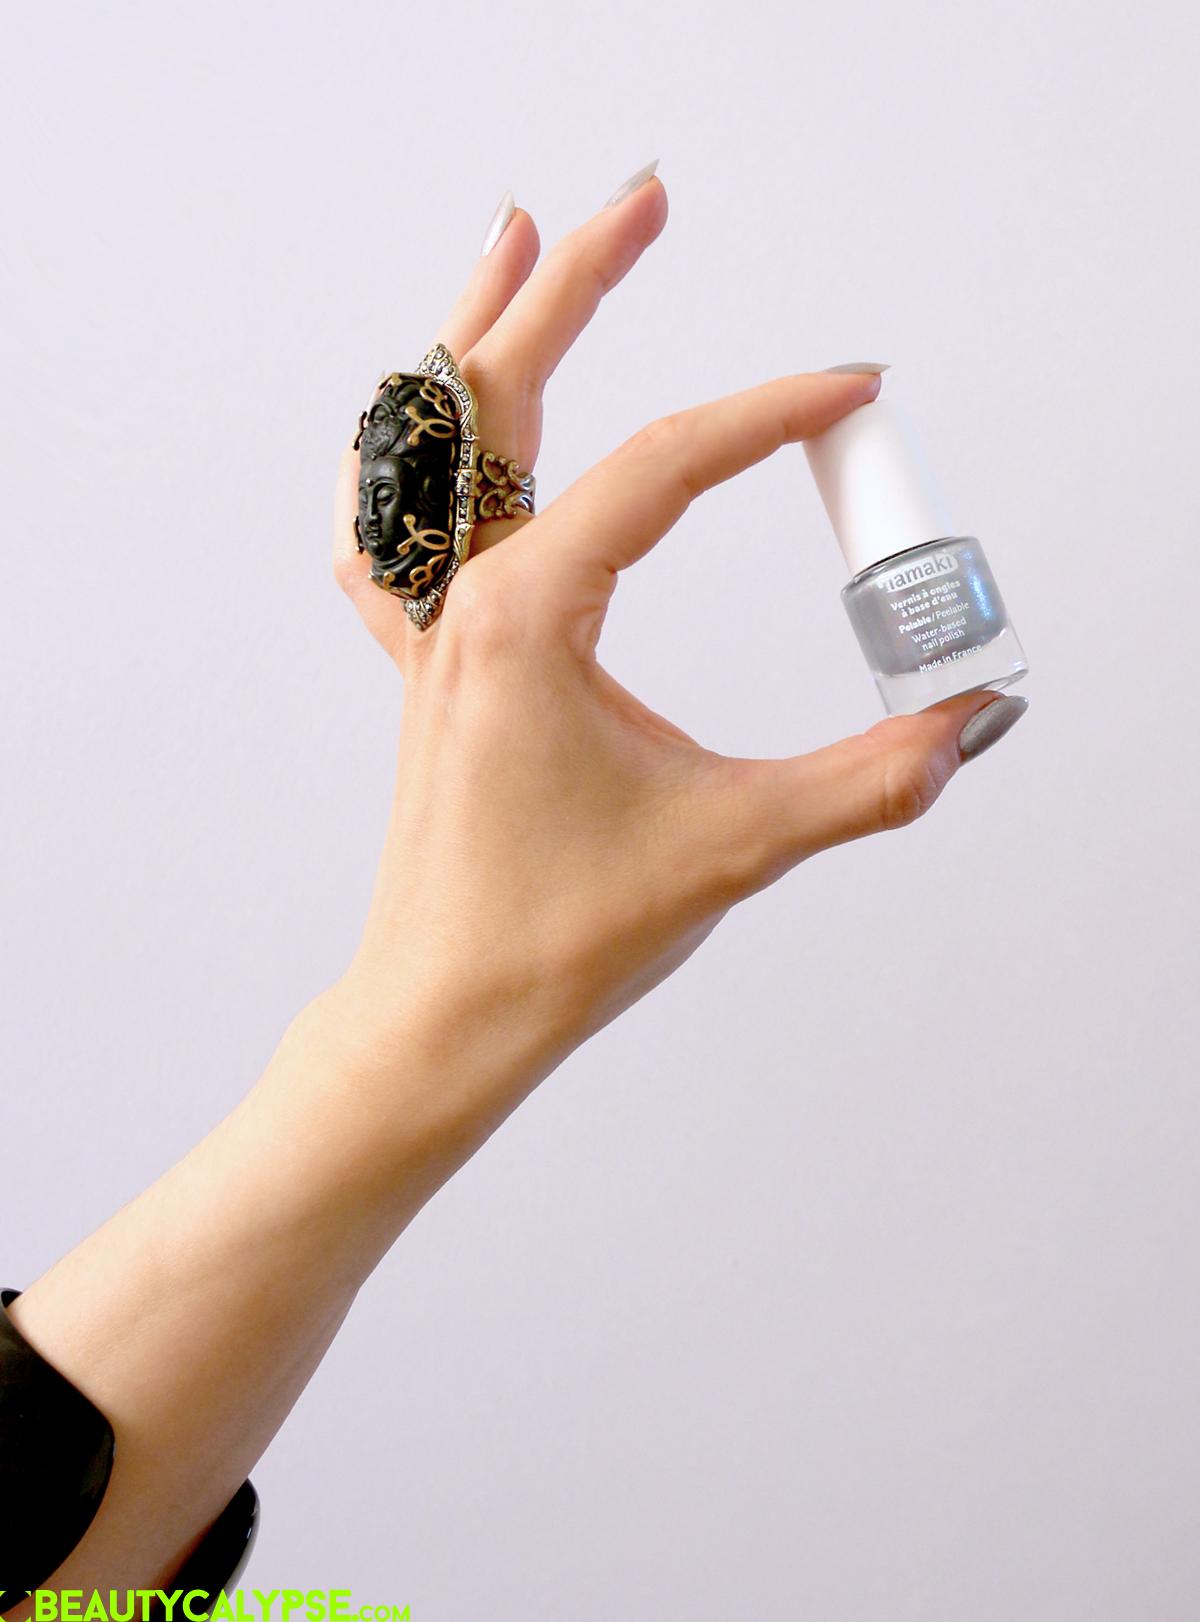 namaki-silver-mudras-and-manicure